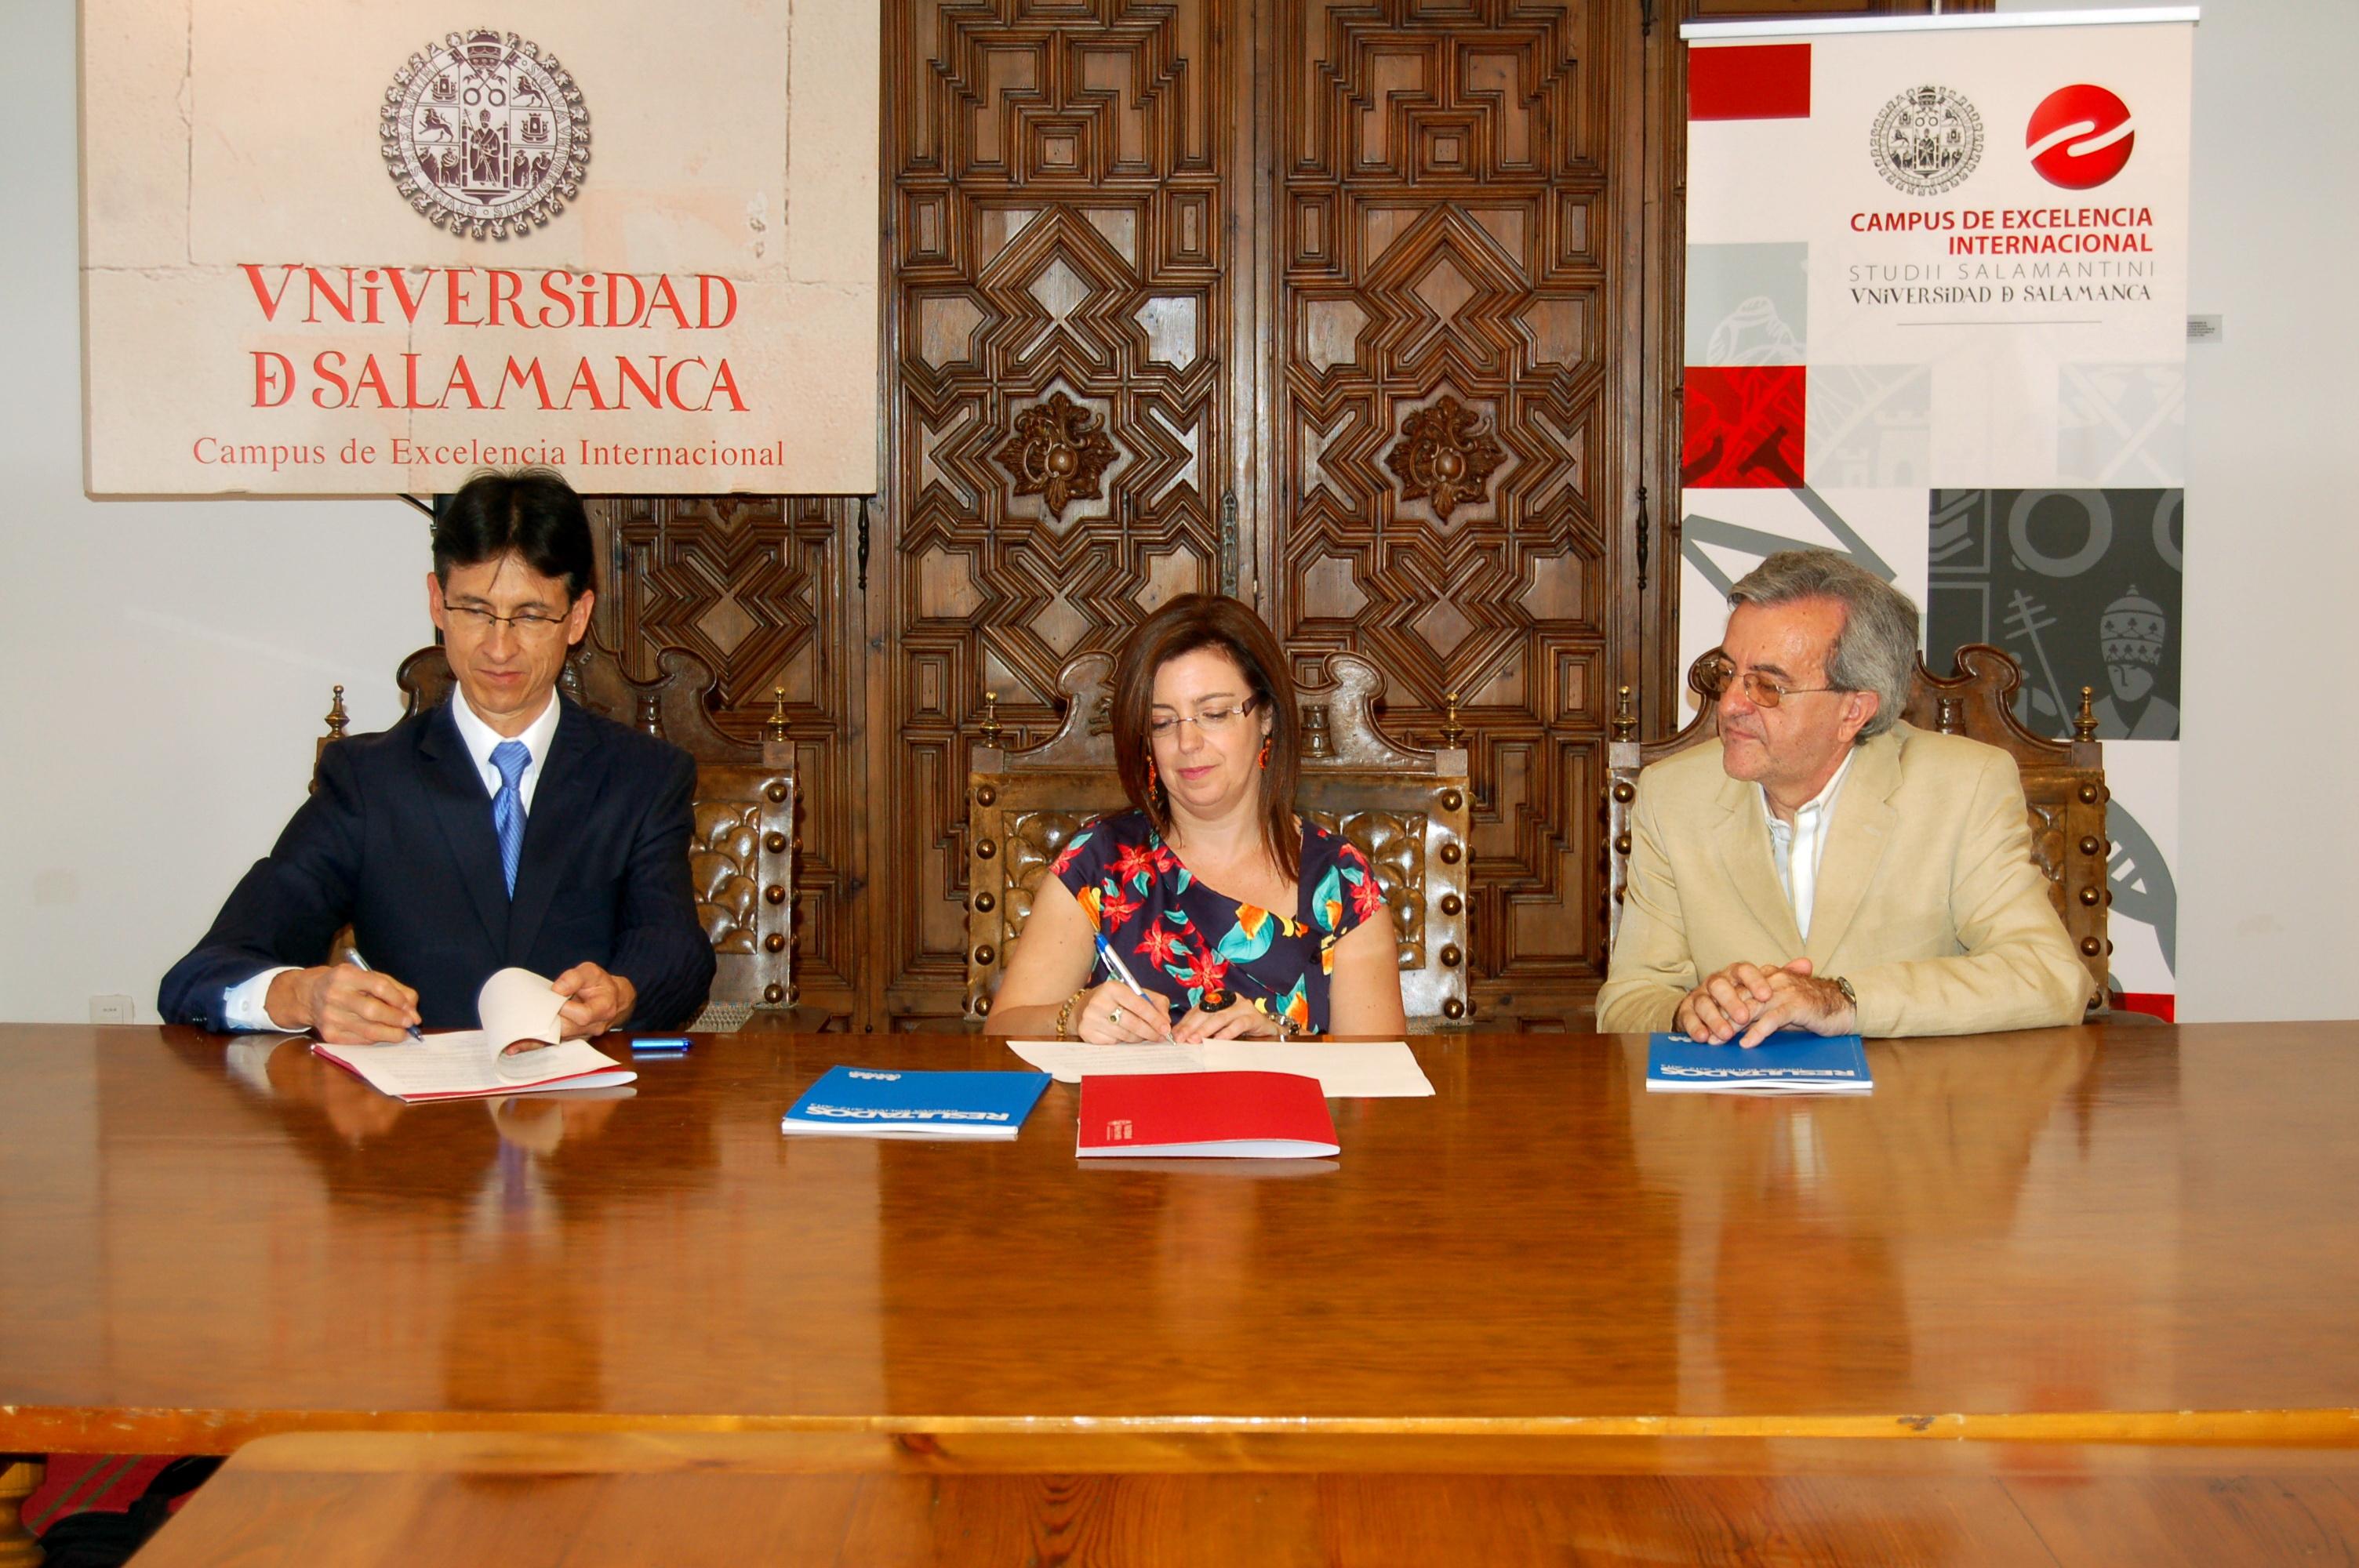 La Universidad de Salamanca y la Fundación de Emprendedores y  Finanzas Maya (Bolivia) impulsan acciones conjuntas de cultura emprendedora e innovación